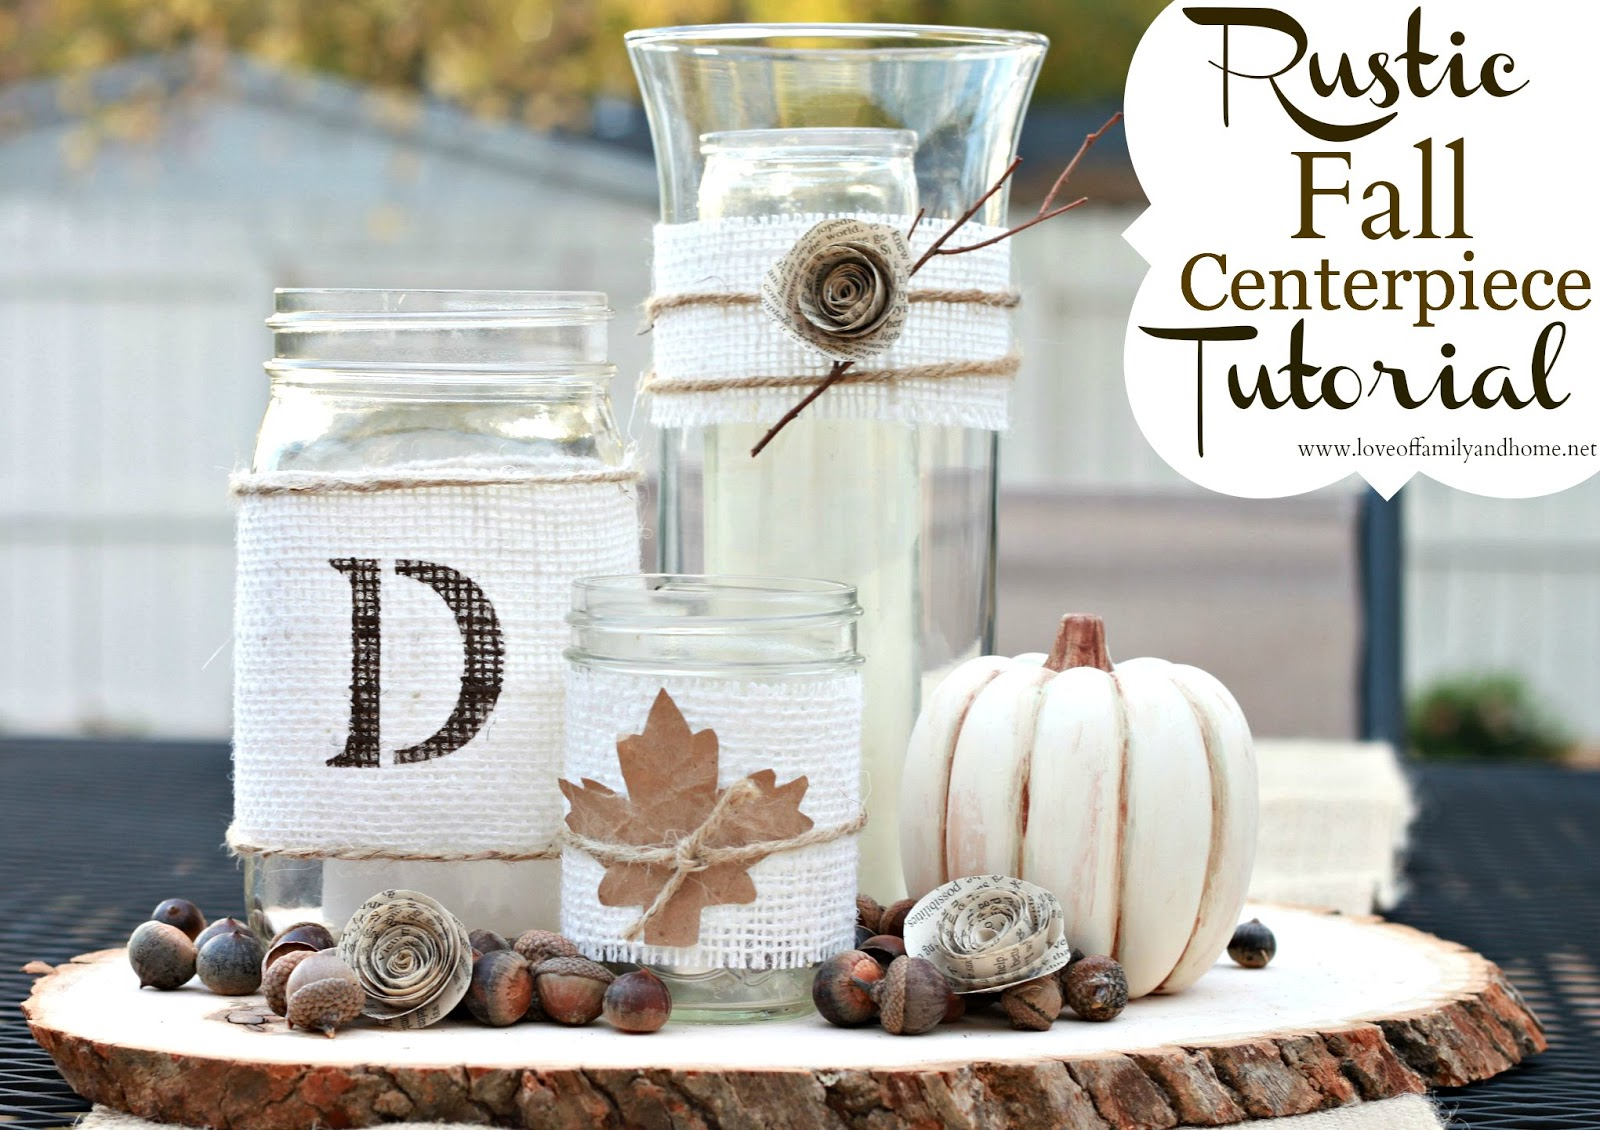 Rustic Fall Centerpiece Tutorial